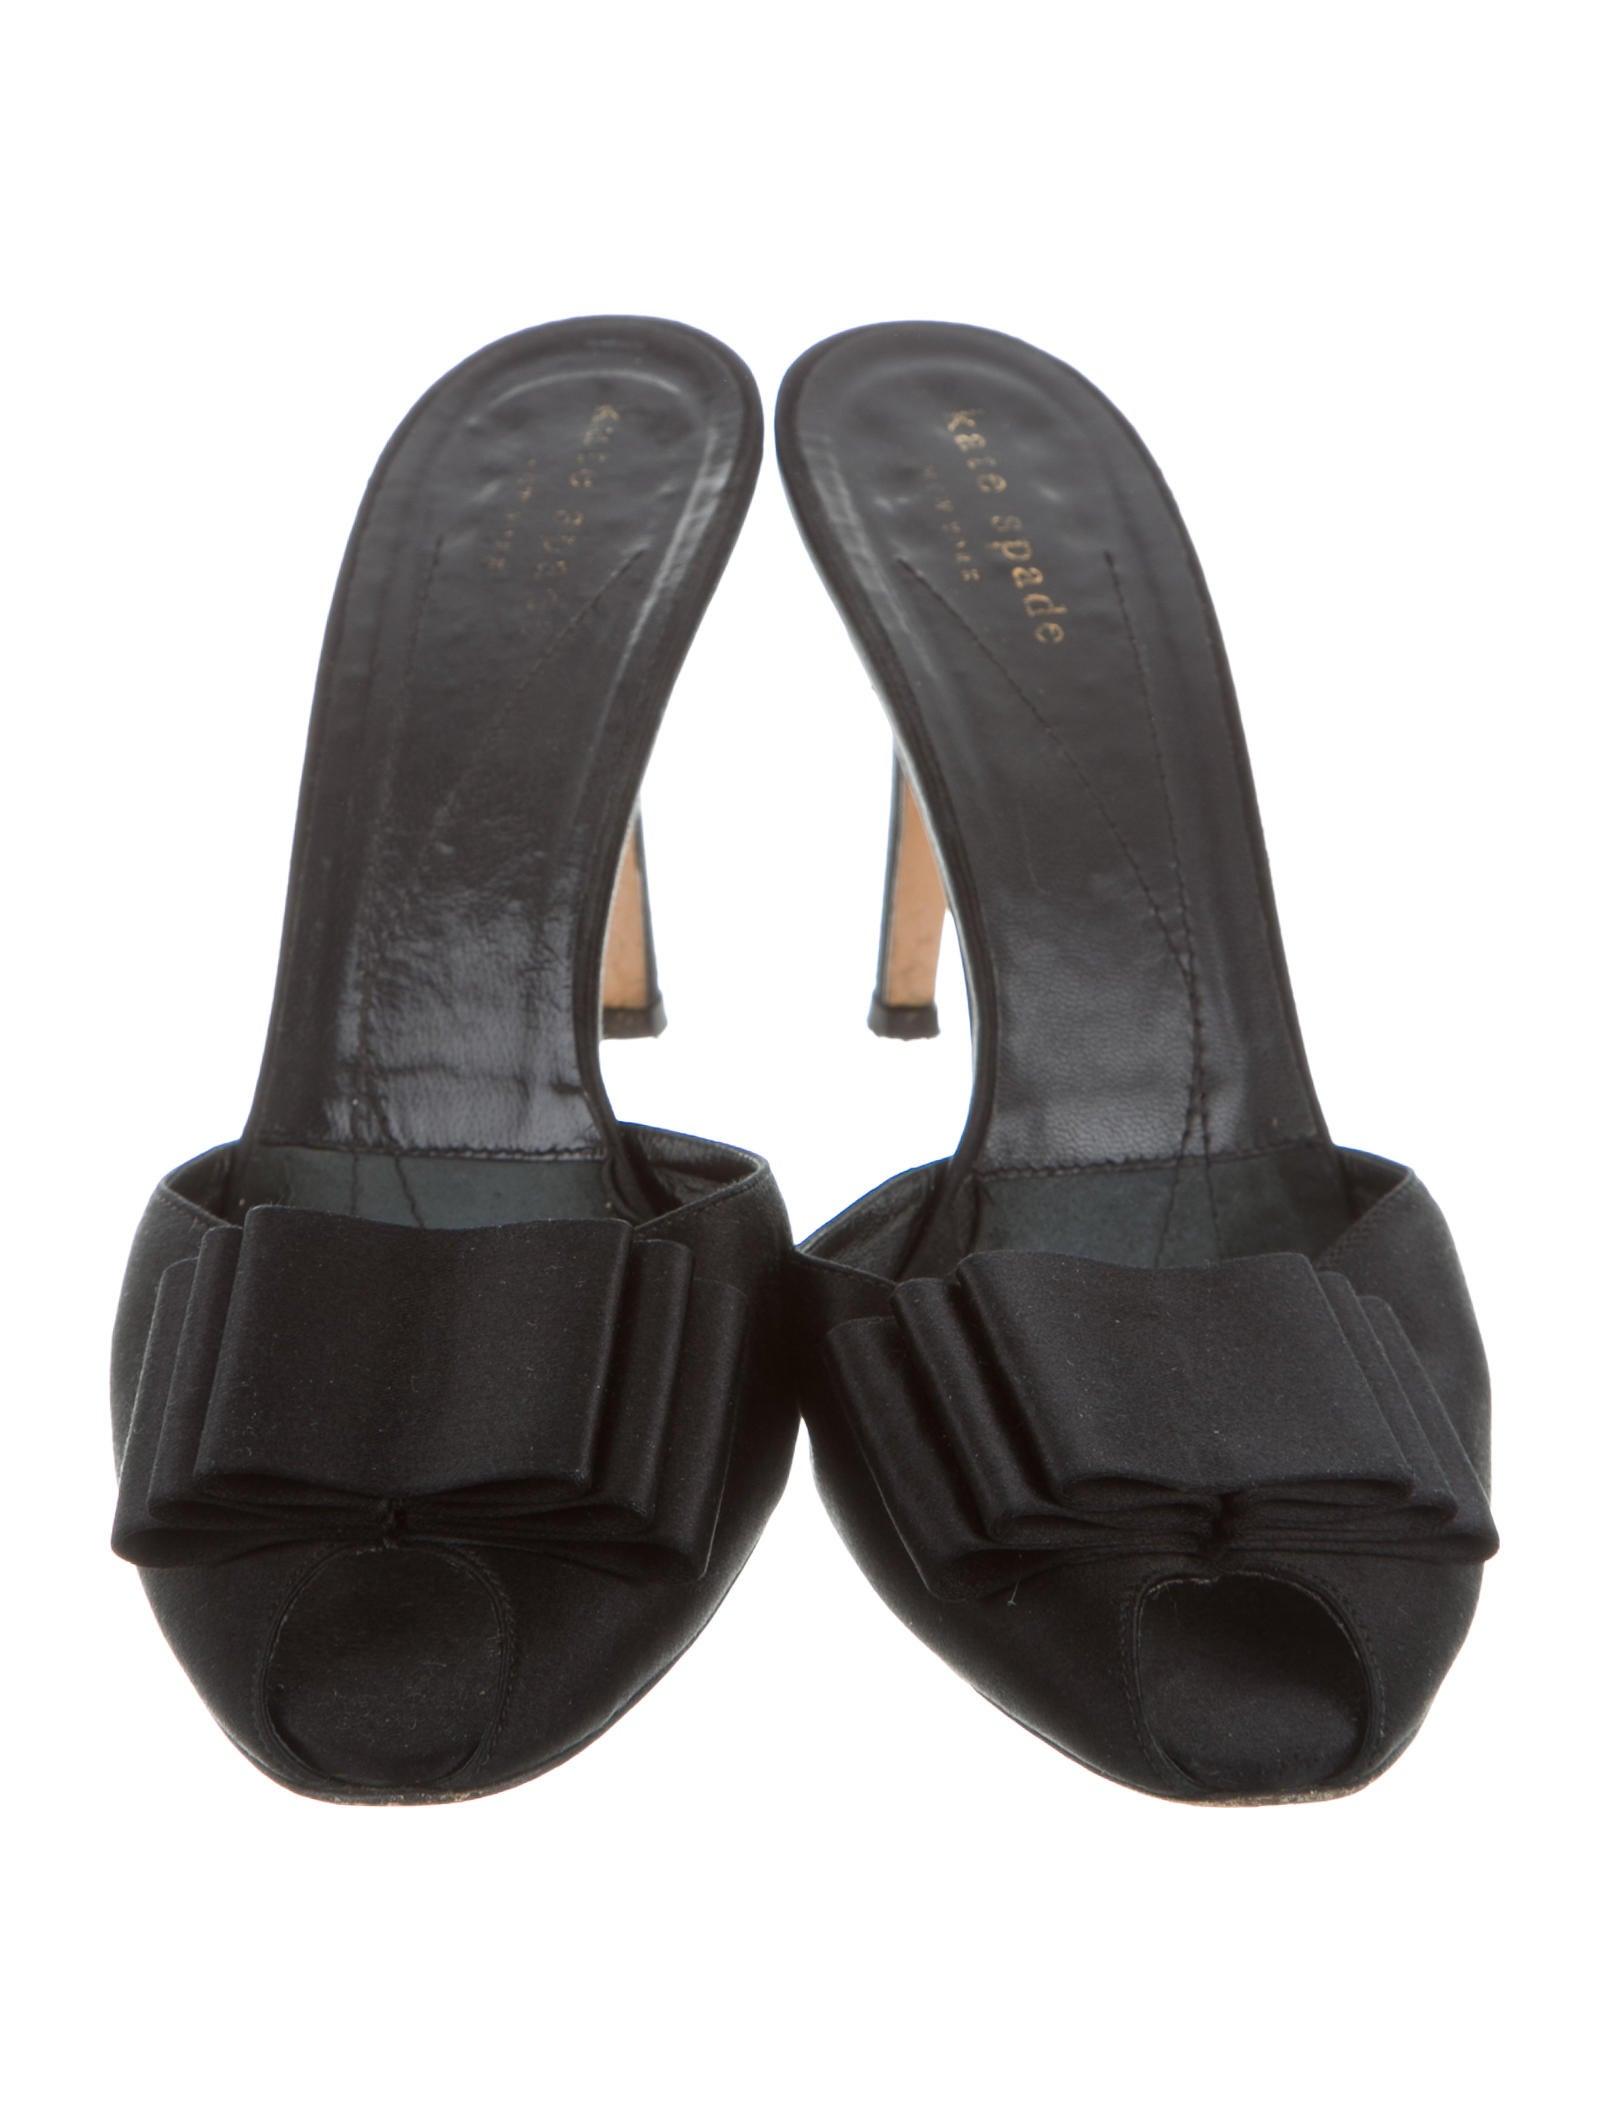 Satin Peep Toe Shoes Black